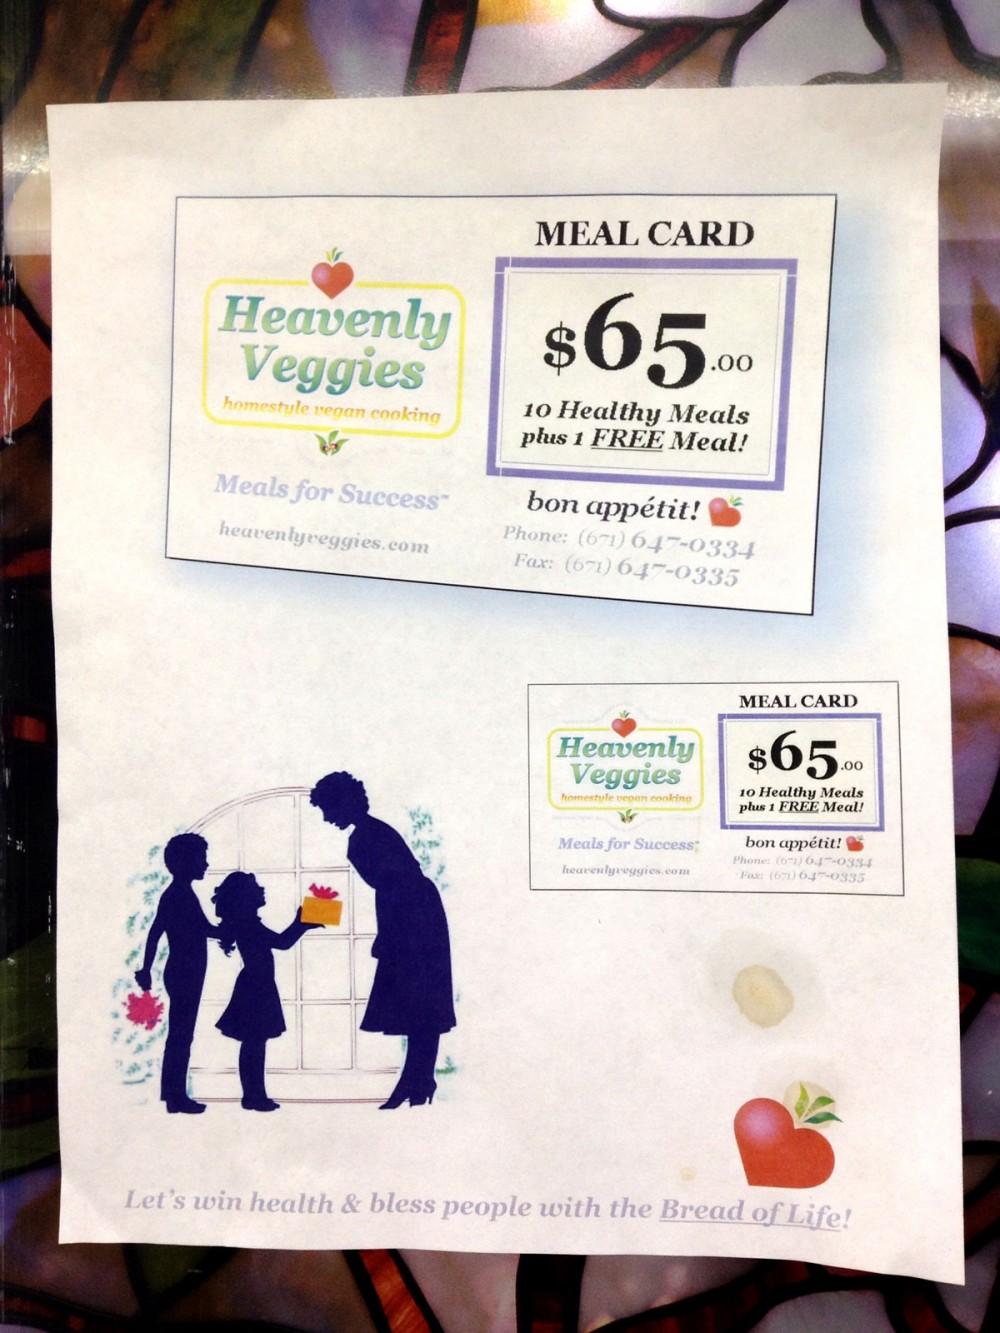 10食ぶんで1食分が無料になるミールカード($65.00) ベジタリアンレストラン「ヘブンリーベジース」